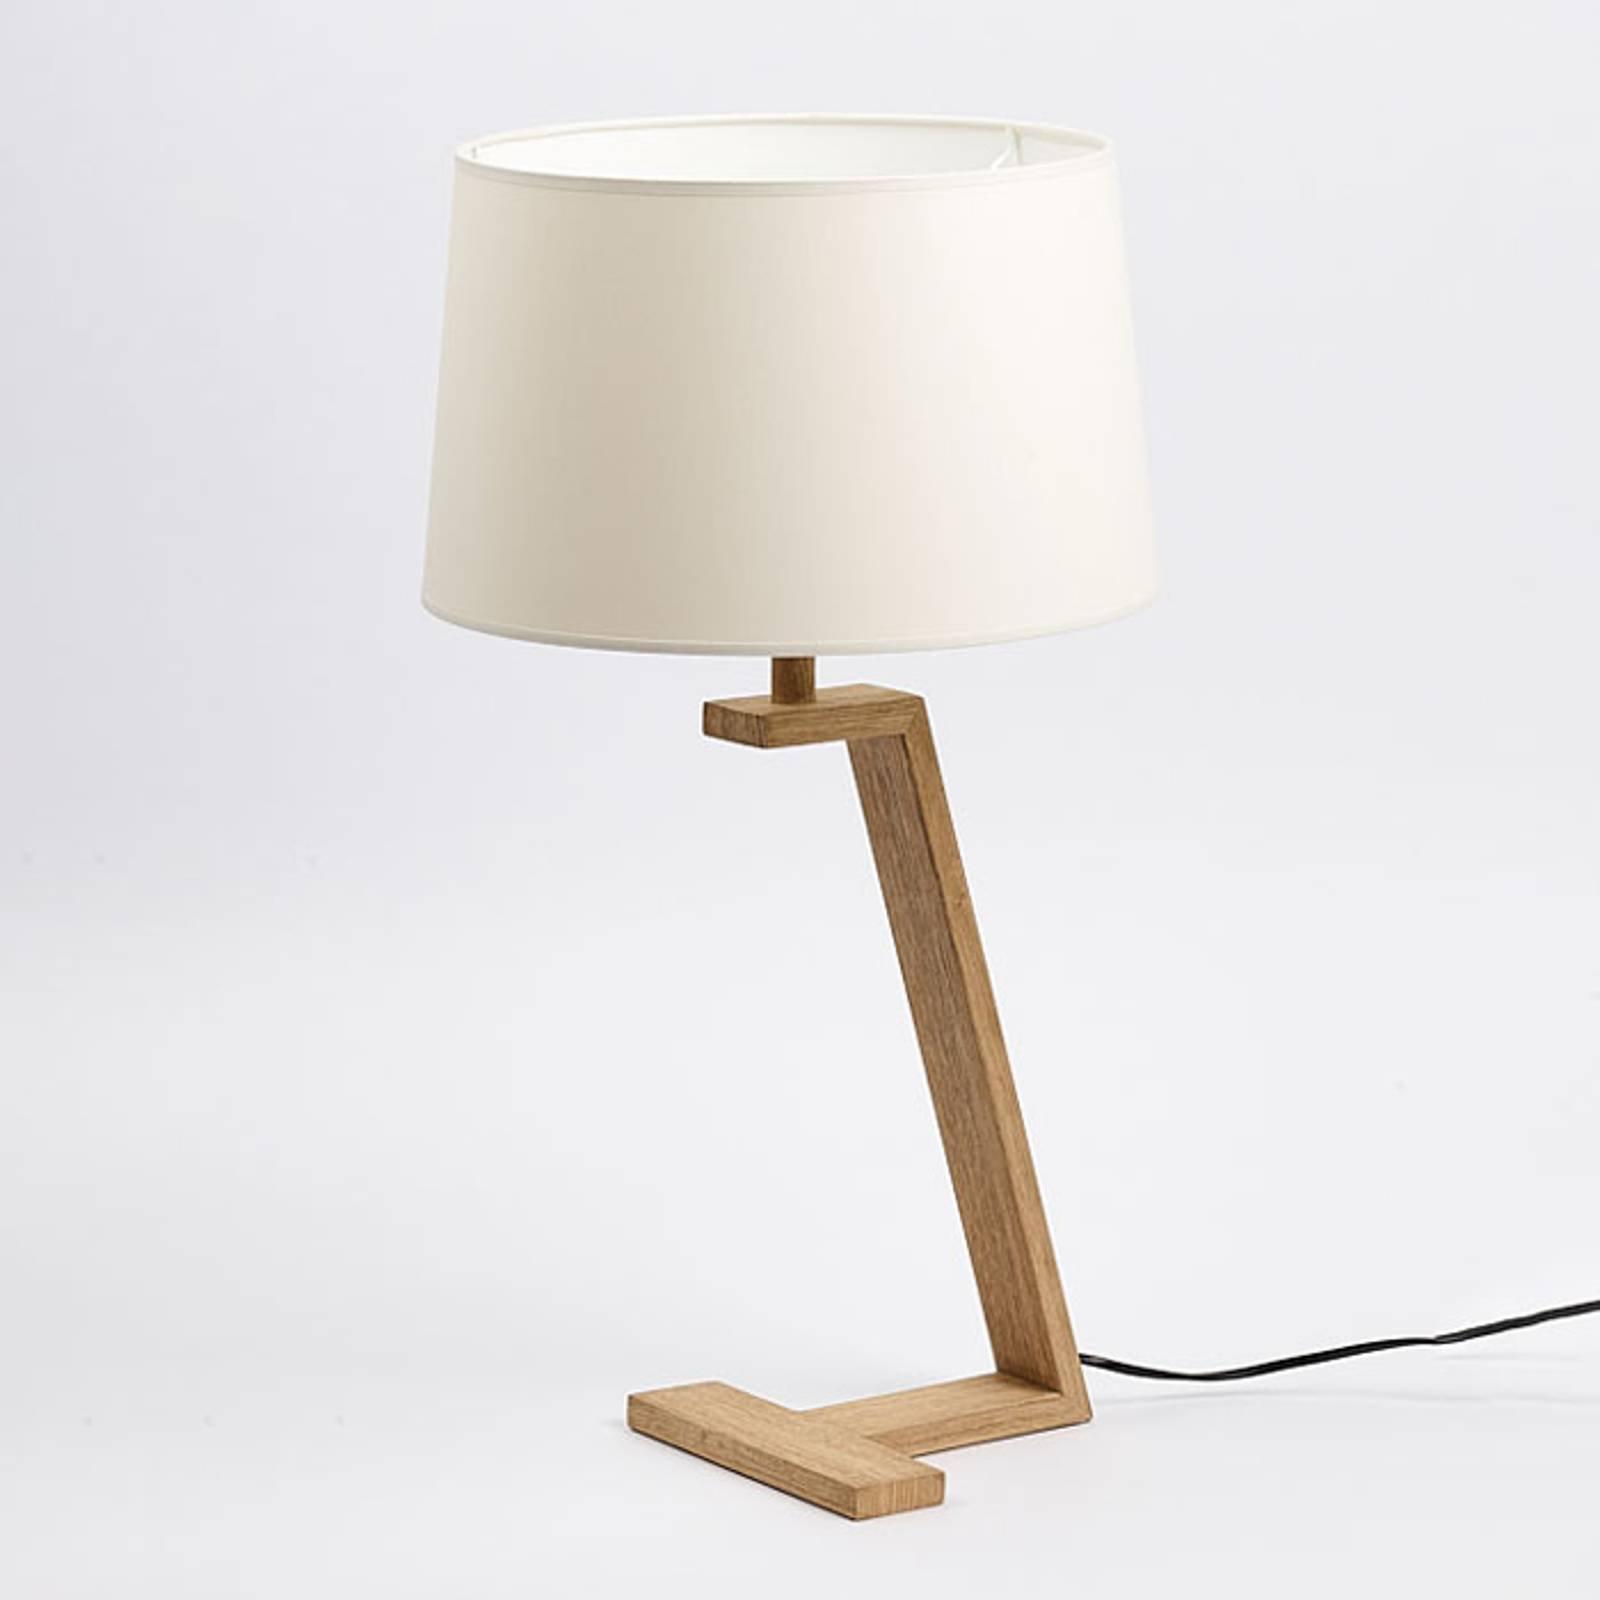 Memphis LT bordlampe i tre og stoff, hvit